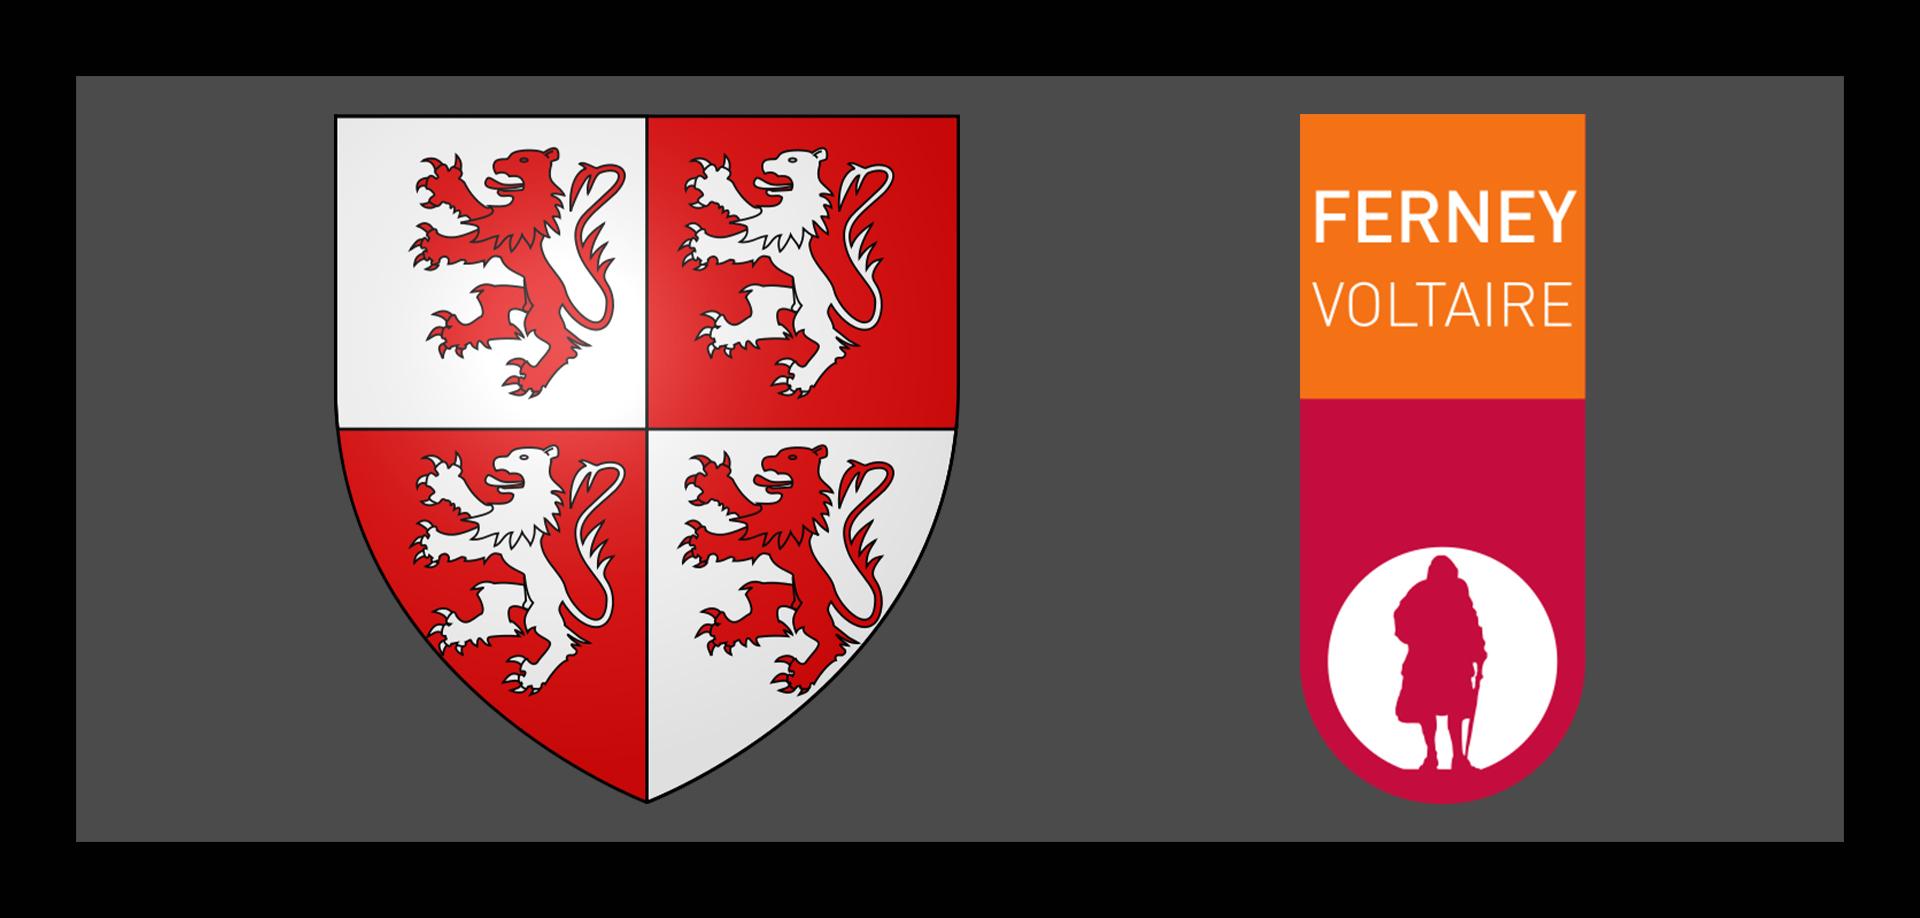 Ferney-Voltaire - Blason et Logo de la ville d'purb dpurb site web